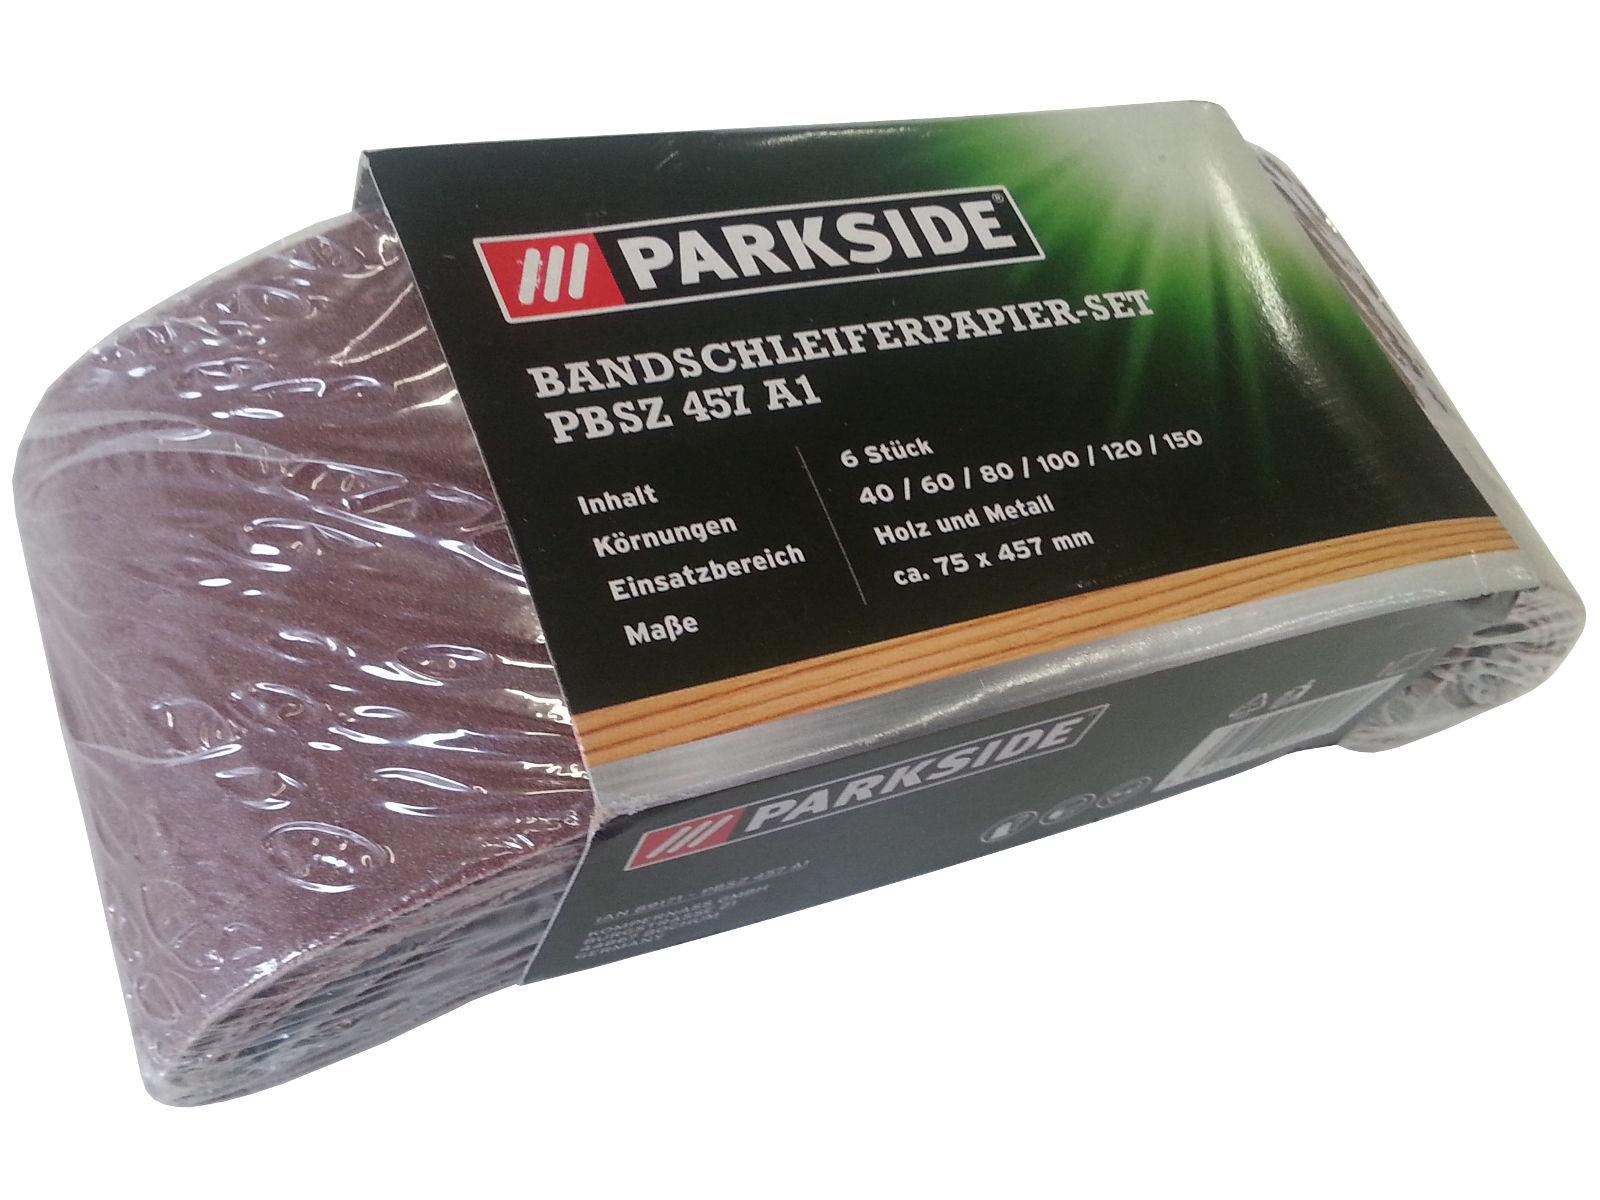 Parkside belt grinder set pbsz 457 a1 emery paper belt for Levigatrice parkside